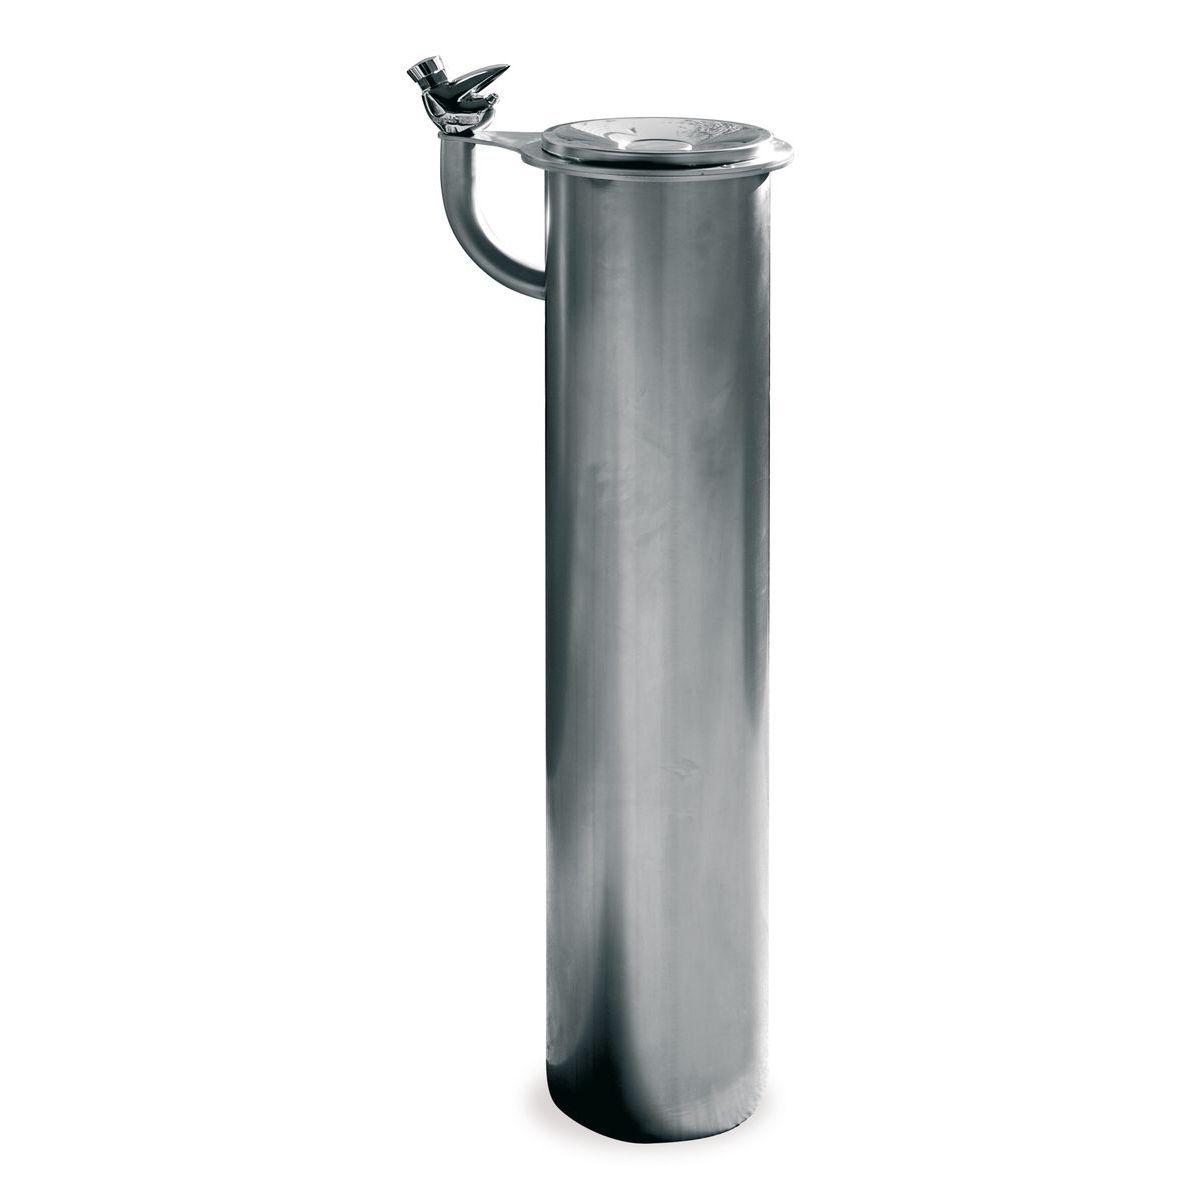 Fontaine en acier inoxydable, avec robinet à pression. ESVA V-109